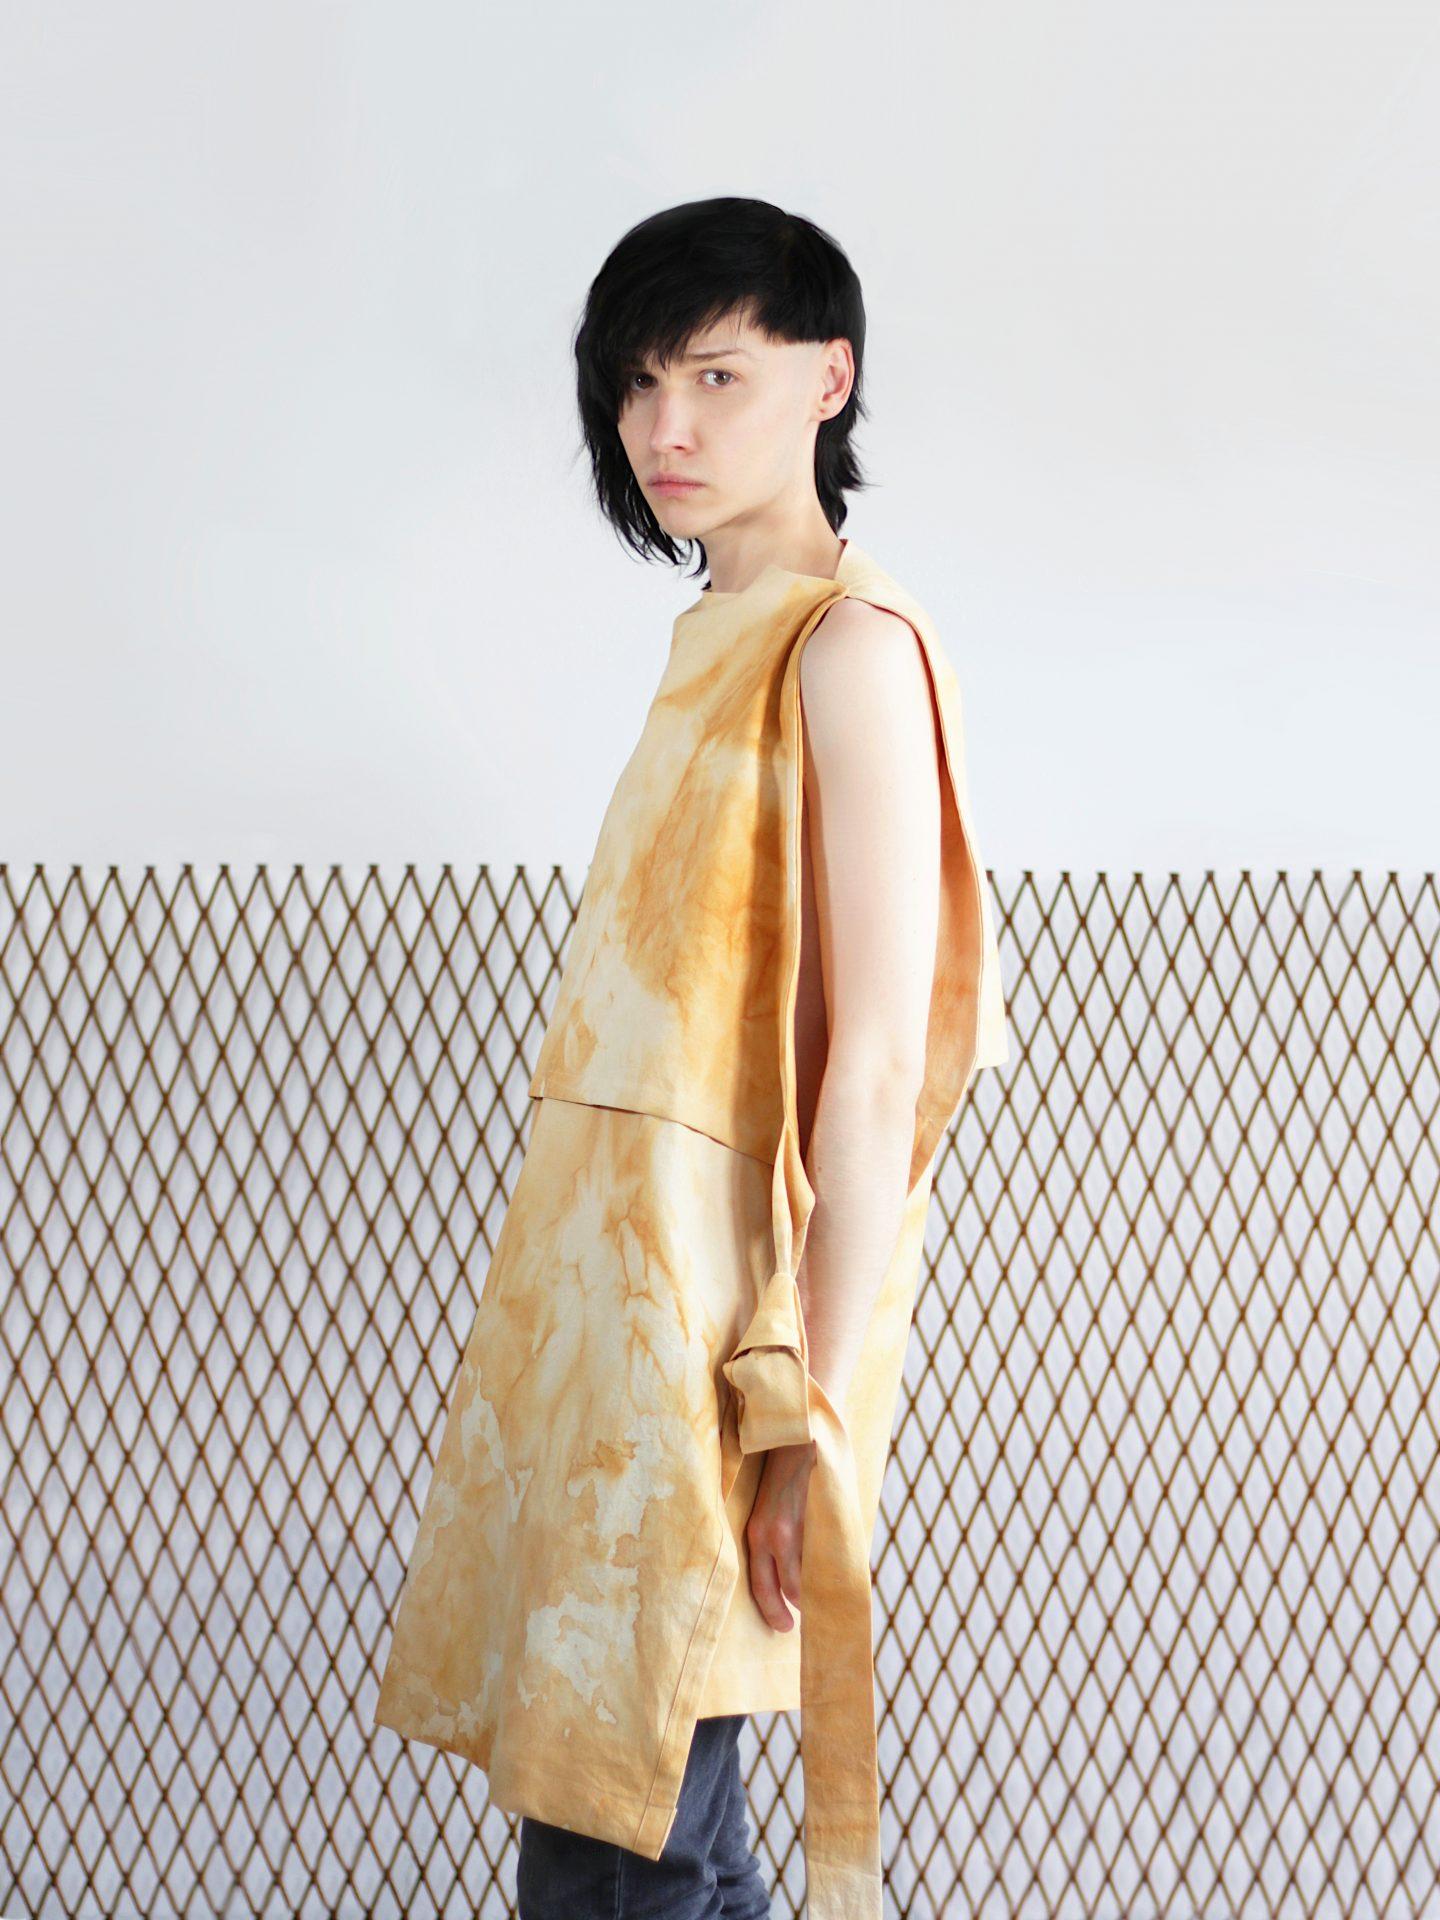 Yomi apron dress (a)